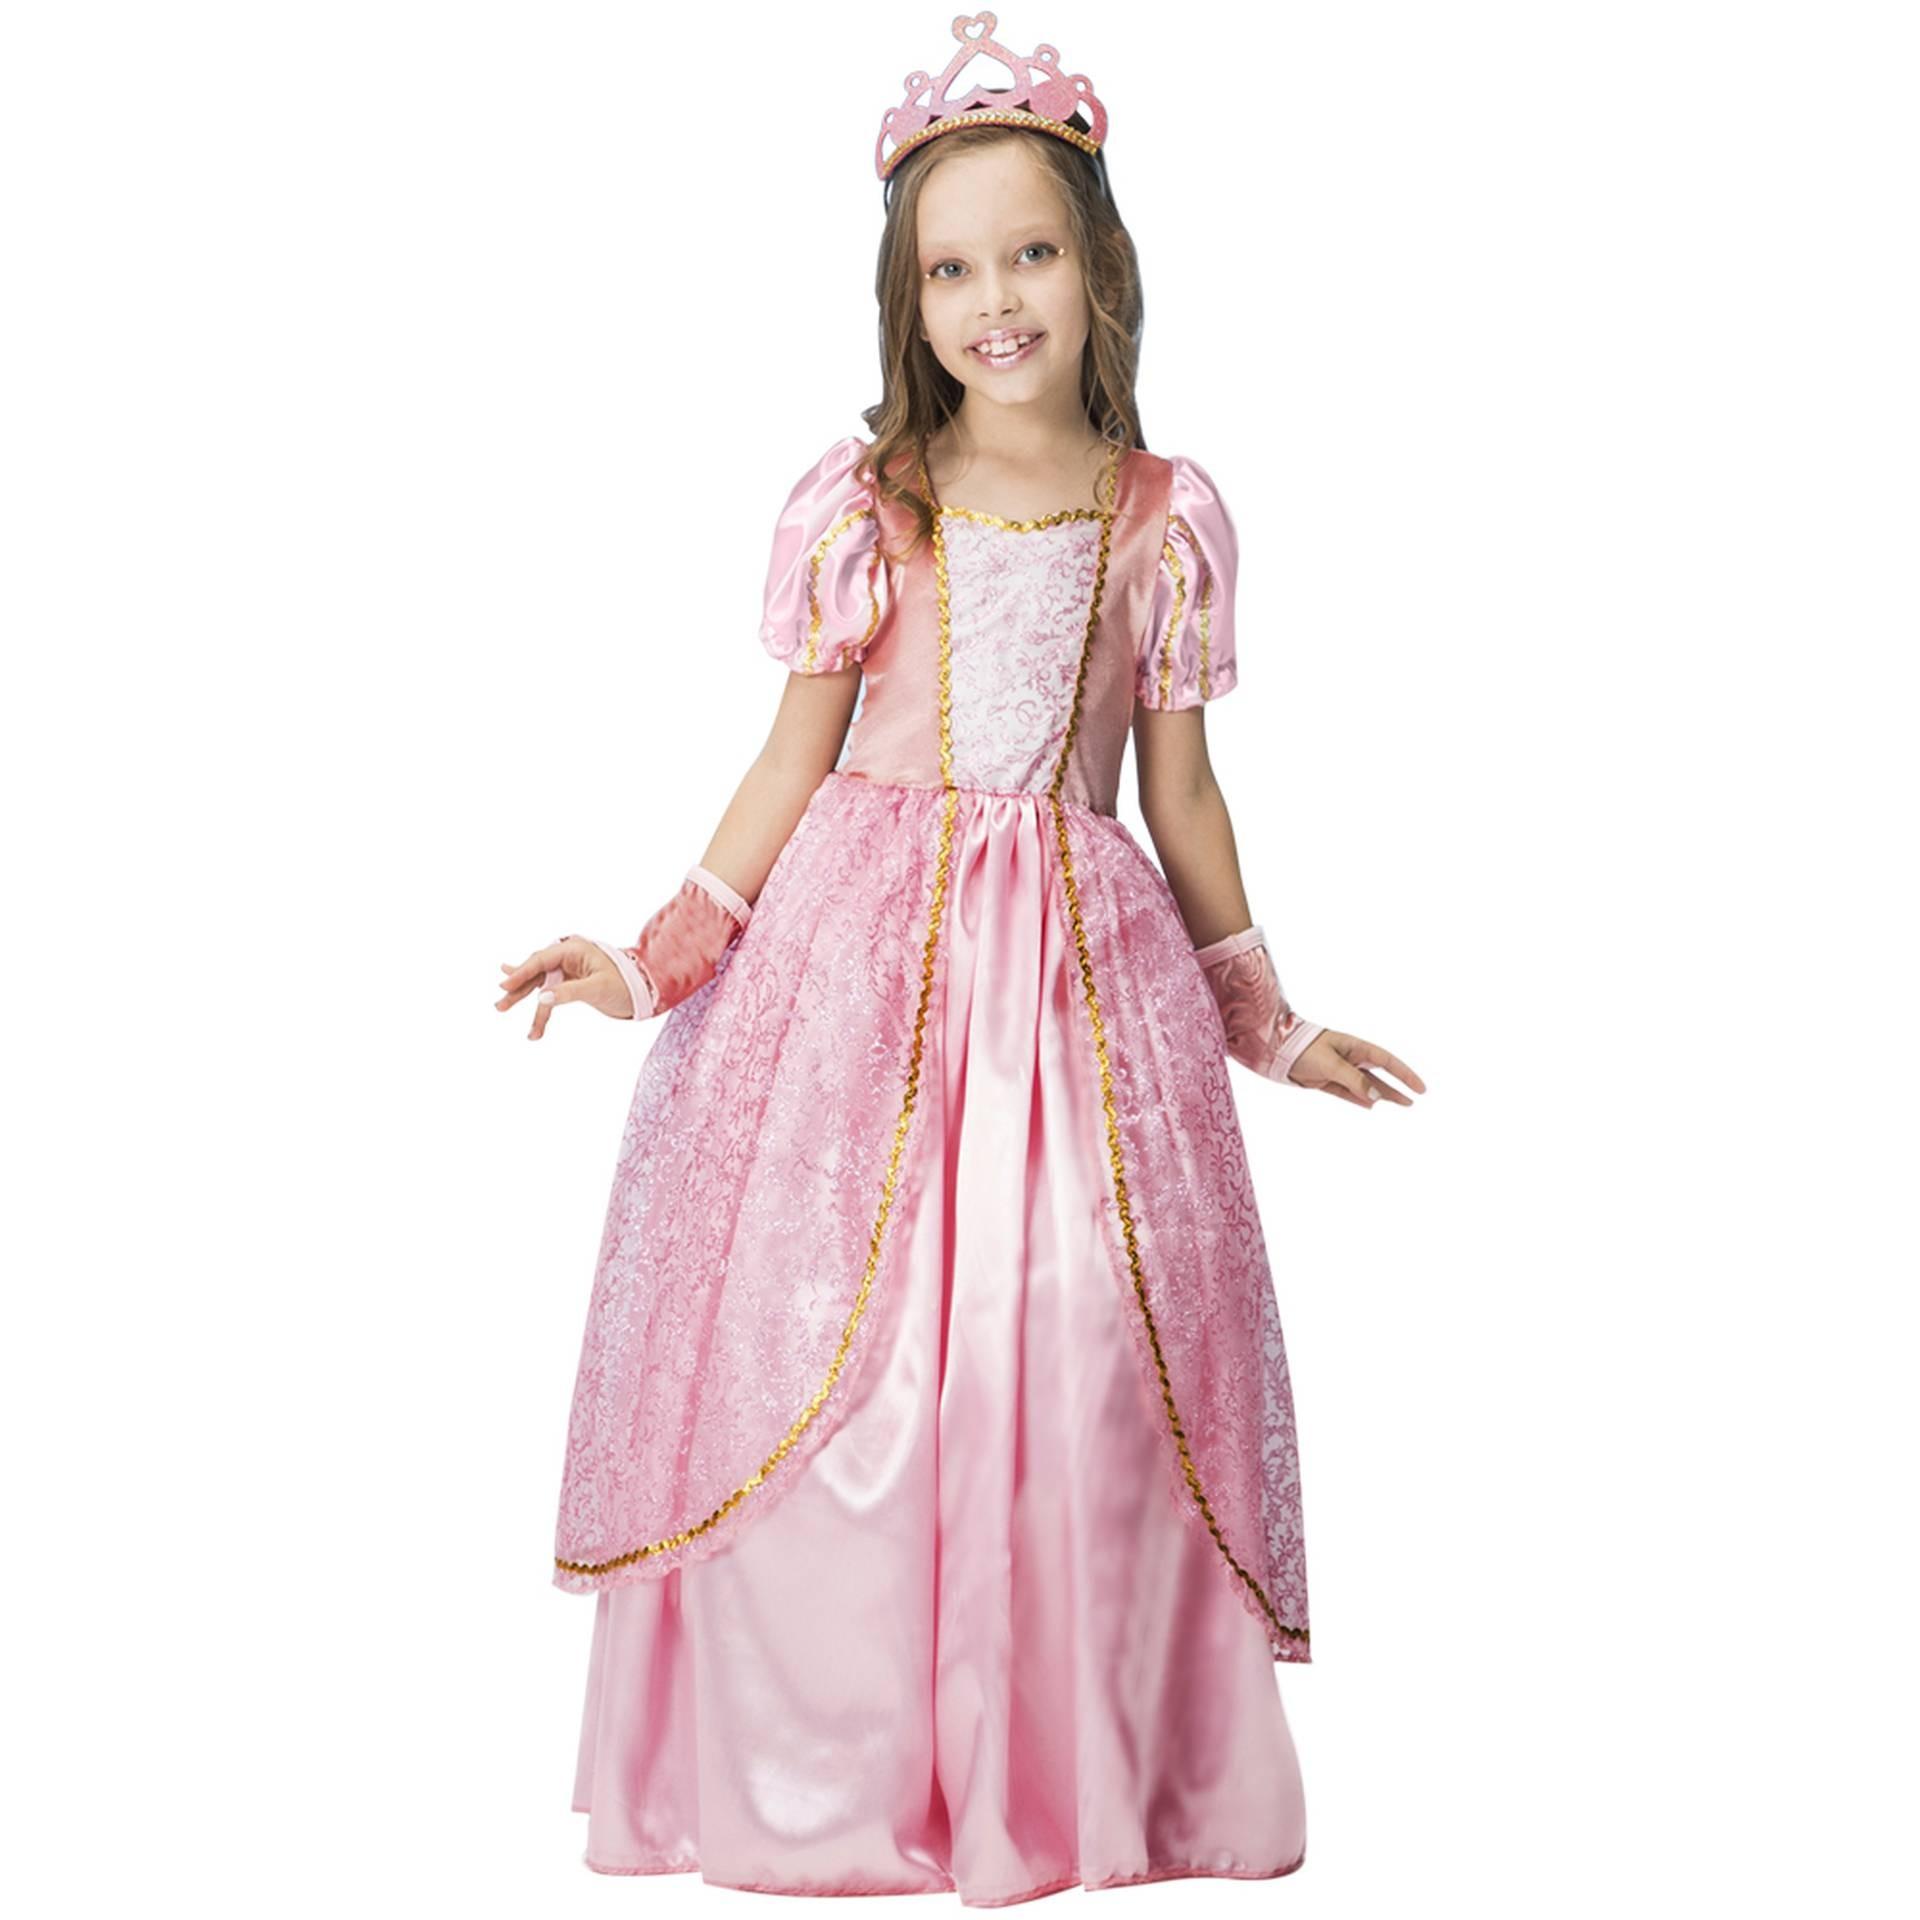 Fantasia da Rainha Velvet com coroa e luvas